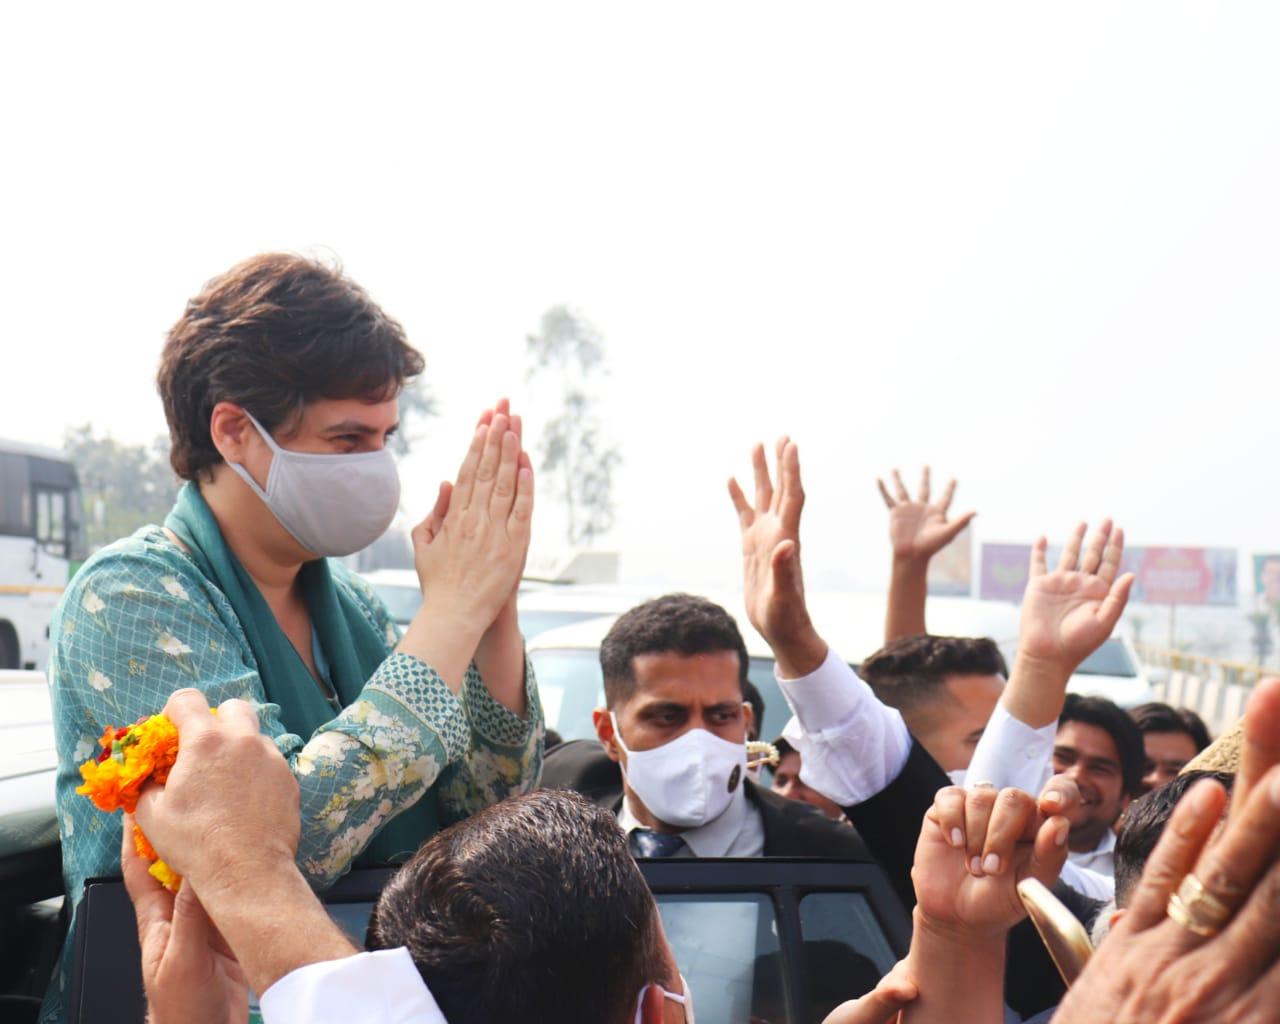 मुजफ्फरनगर के दौरे पर प्रियंका गांधी, किसानों को करेंगी संबोधित